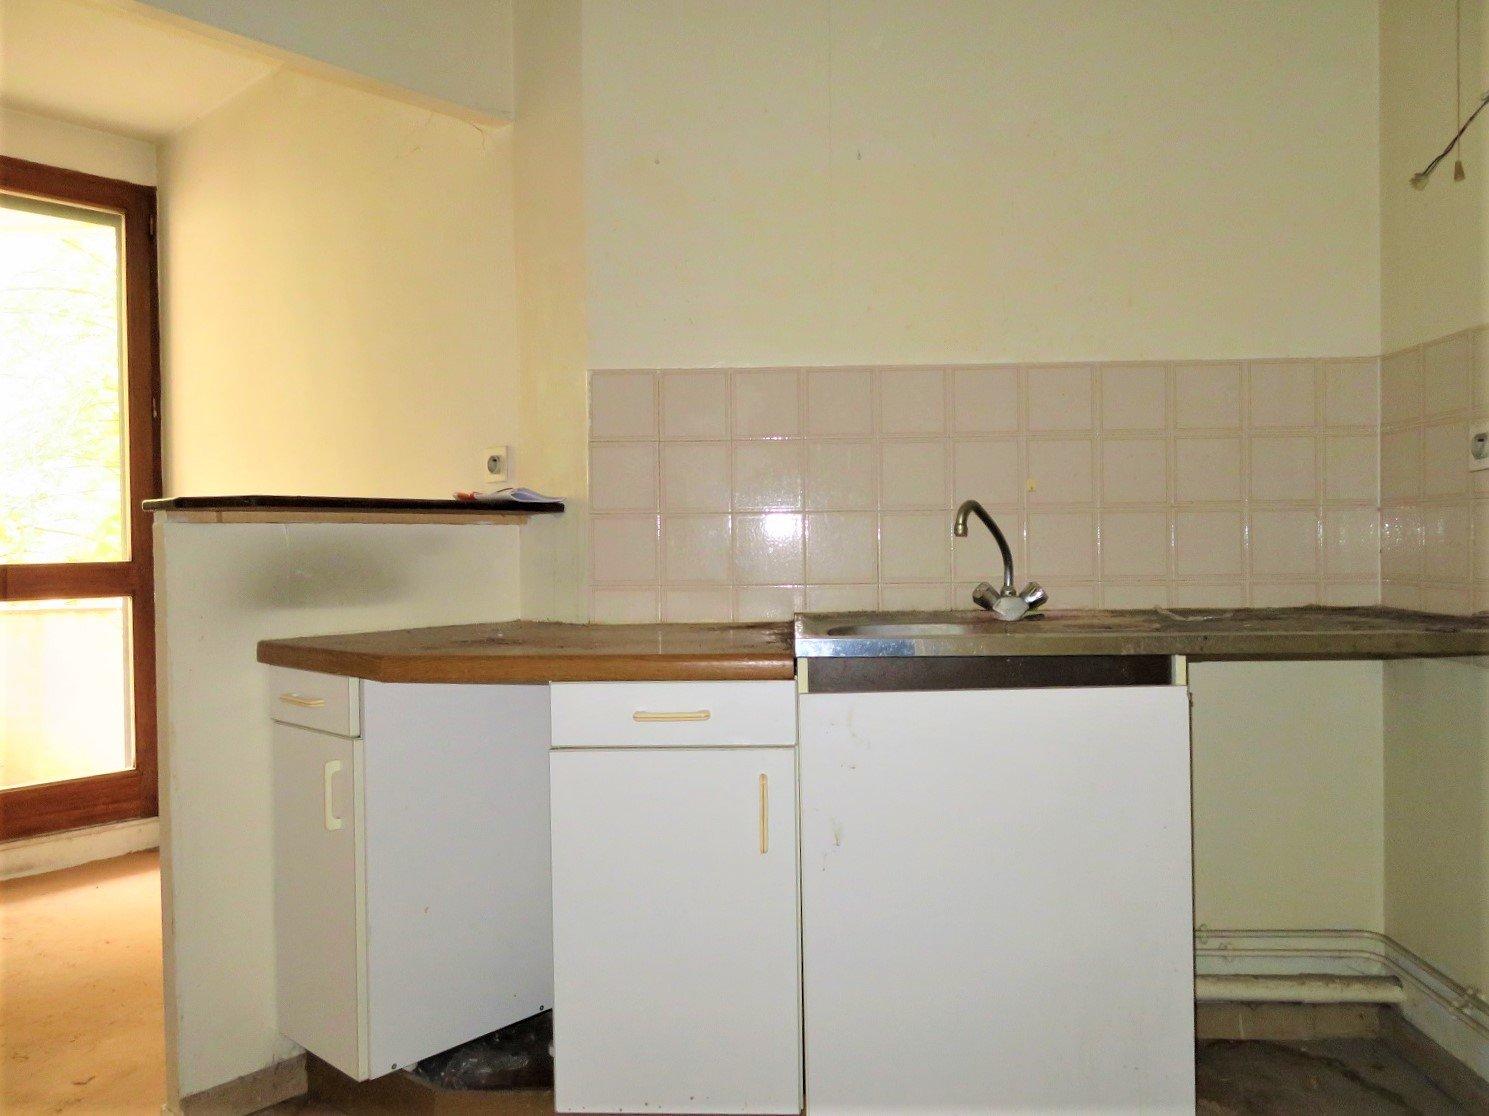 Busca, T2 de 53 m² à rénover